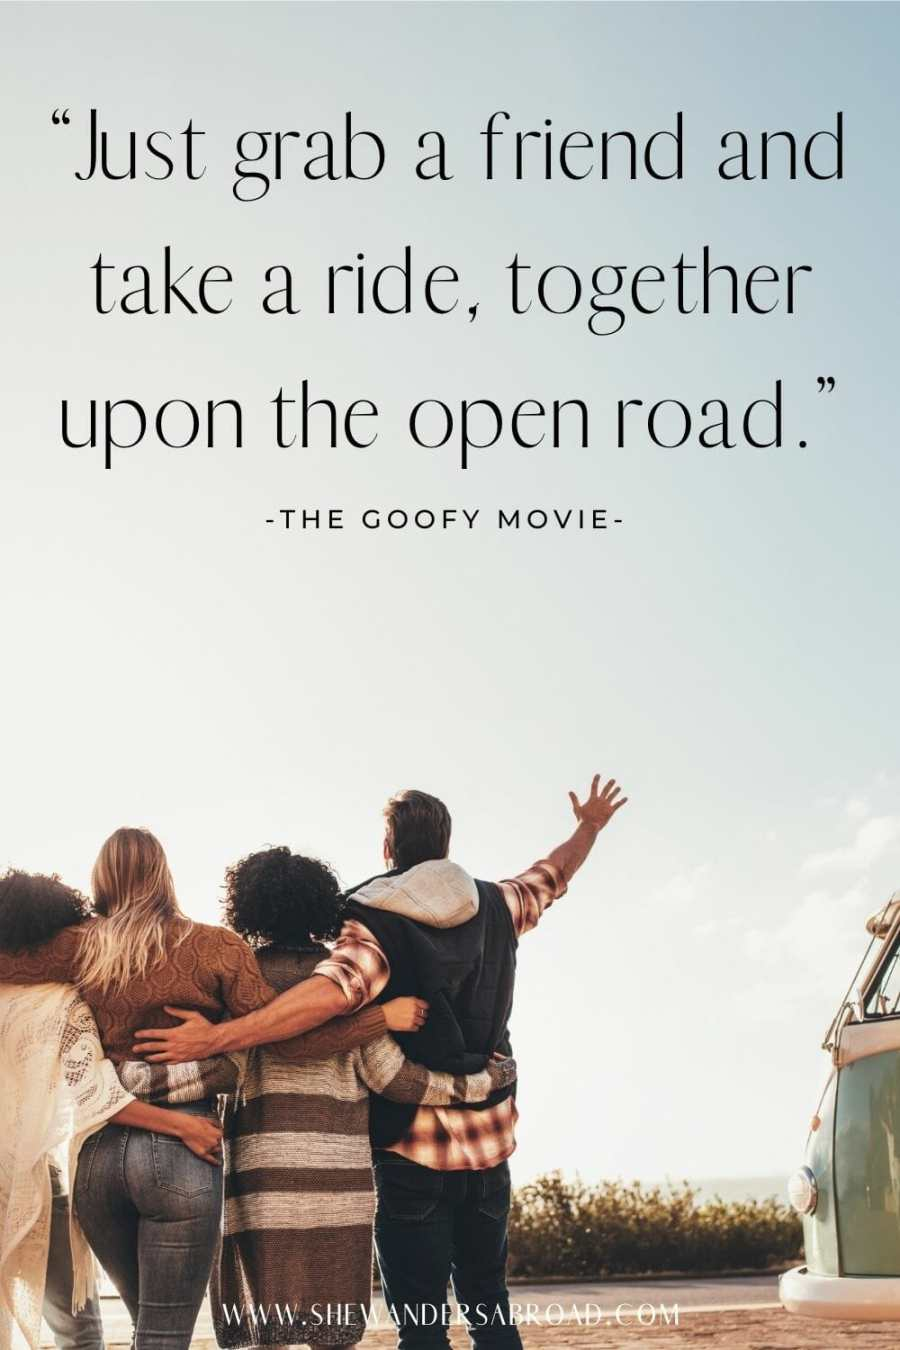 Road trip movie quotes